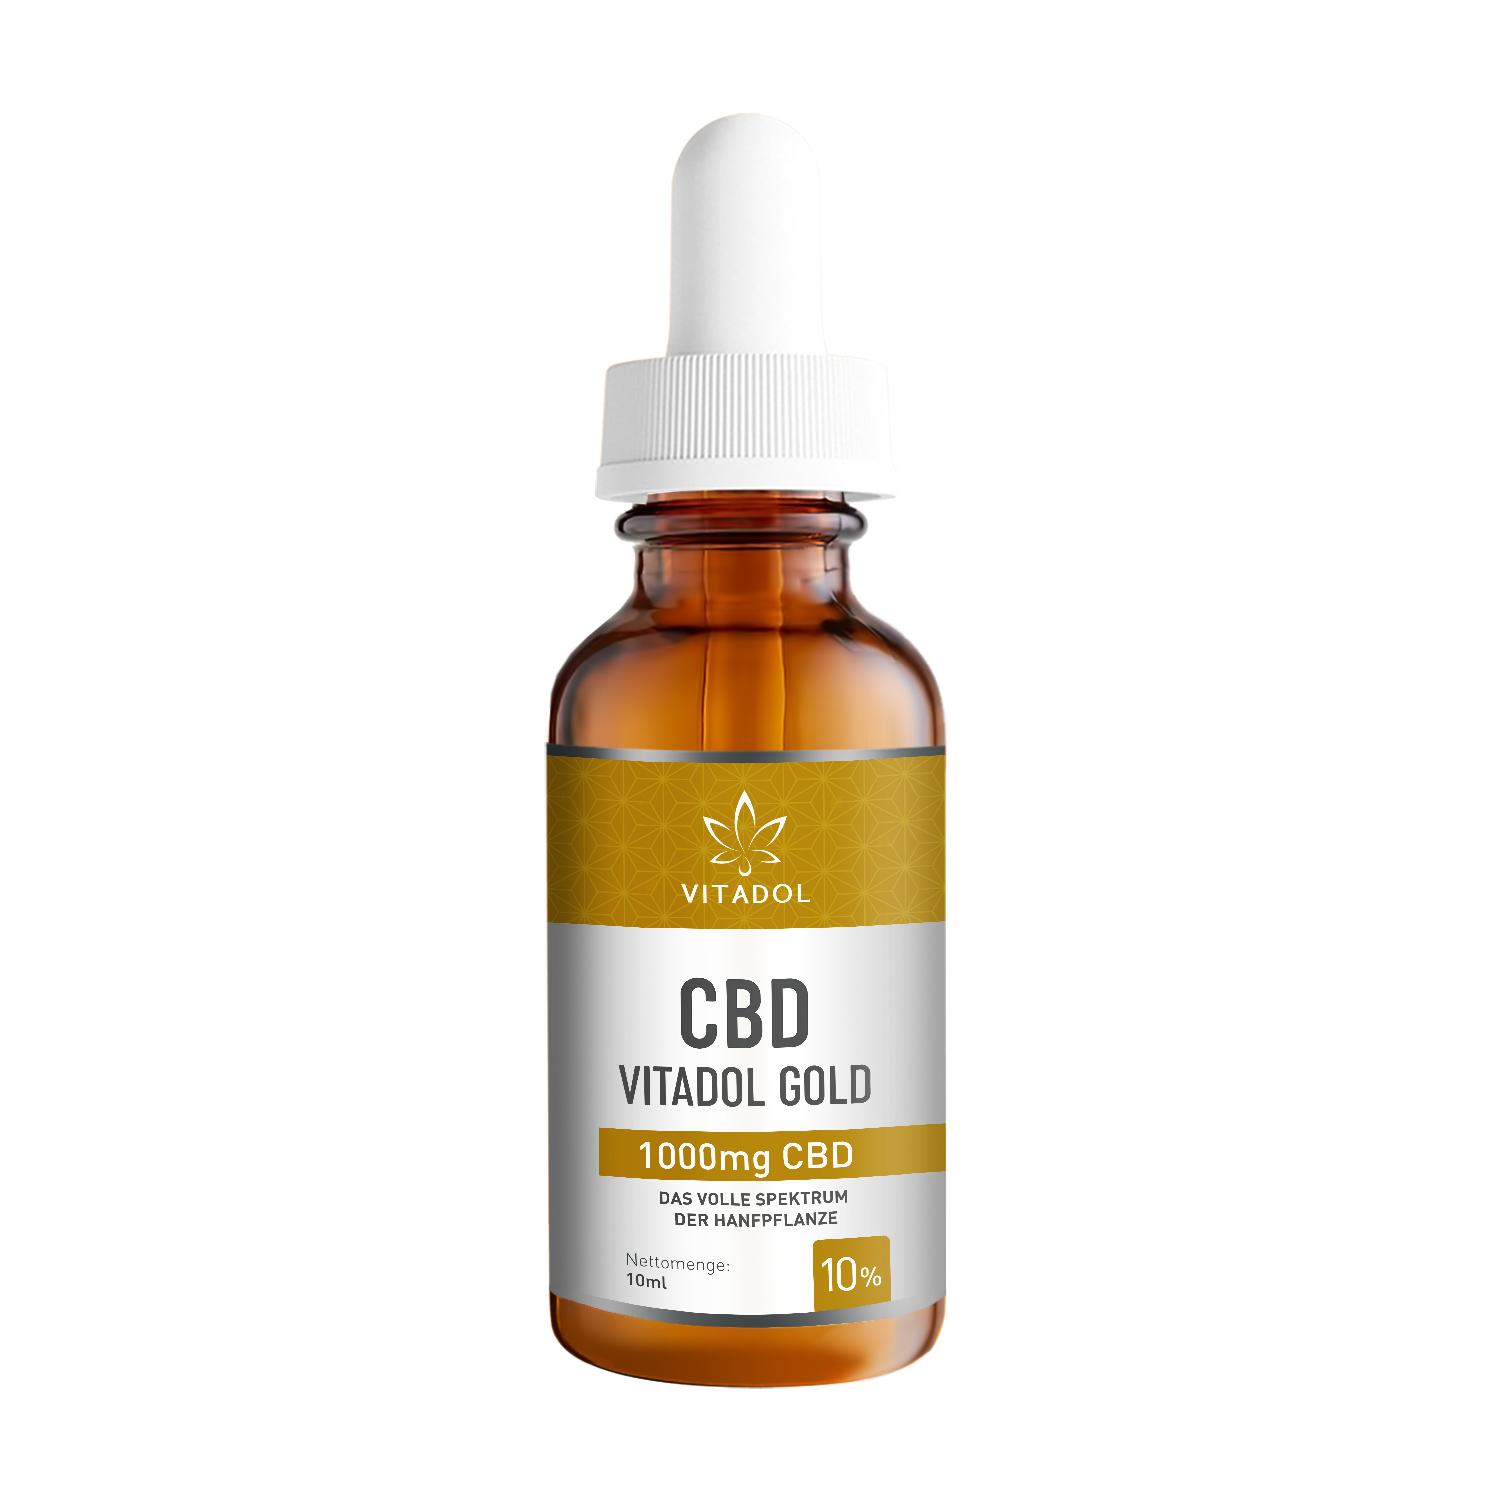 Vitadol Gold CBD Öl